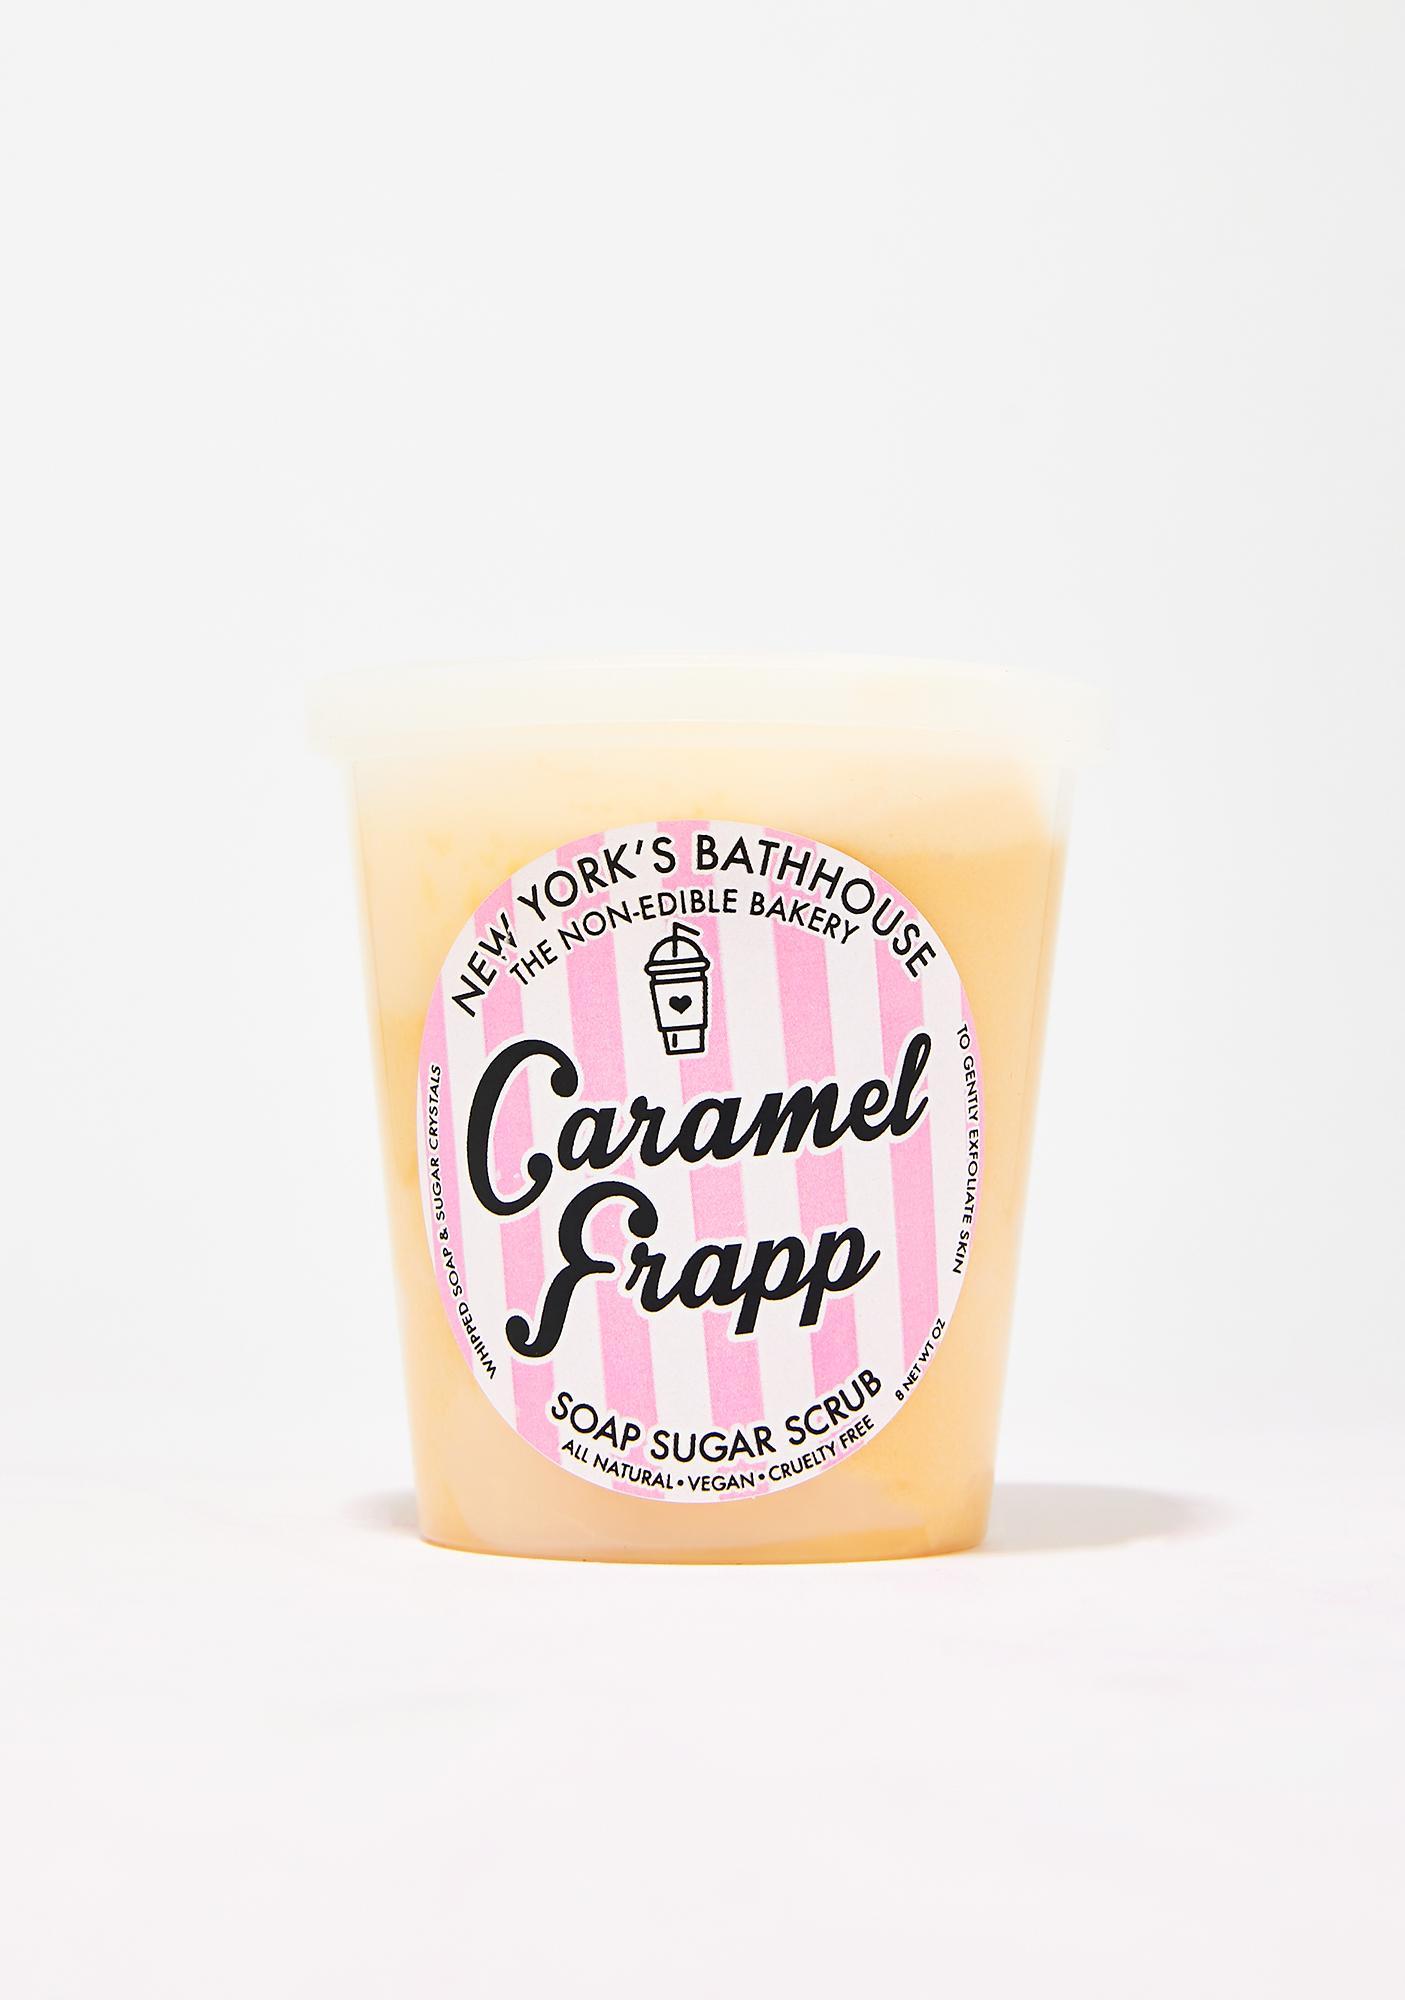 New York's Bathhouse  Caramel Frappucino Soap